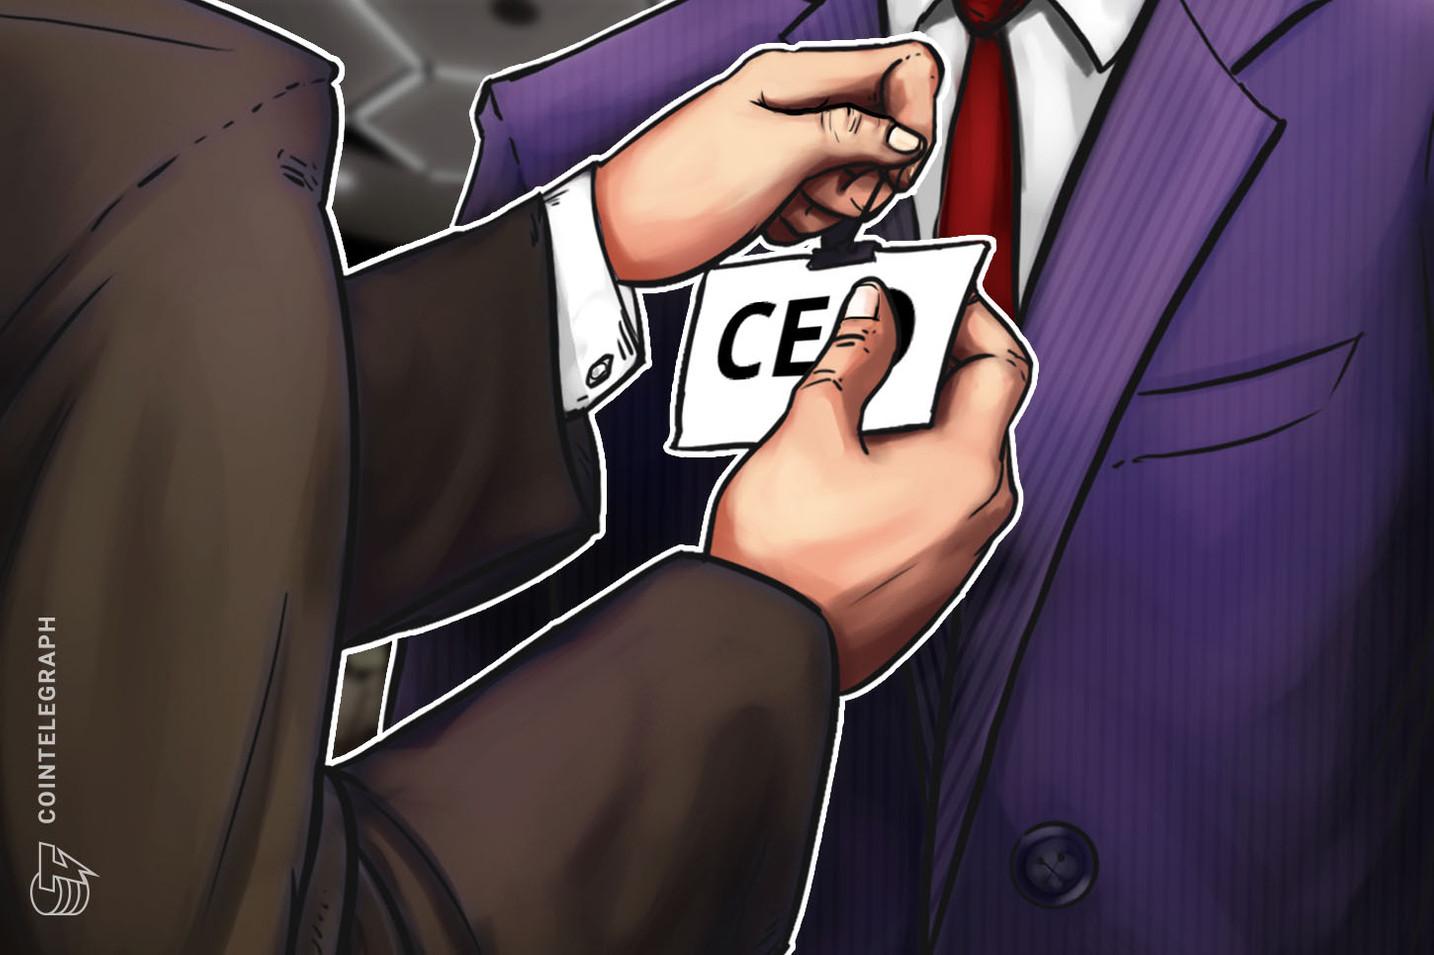 Bitcoin.com tiene nuevo CEO y es el tercero en lo que va de año, anunció Roger Ver